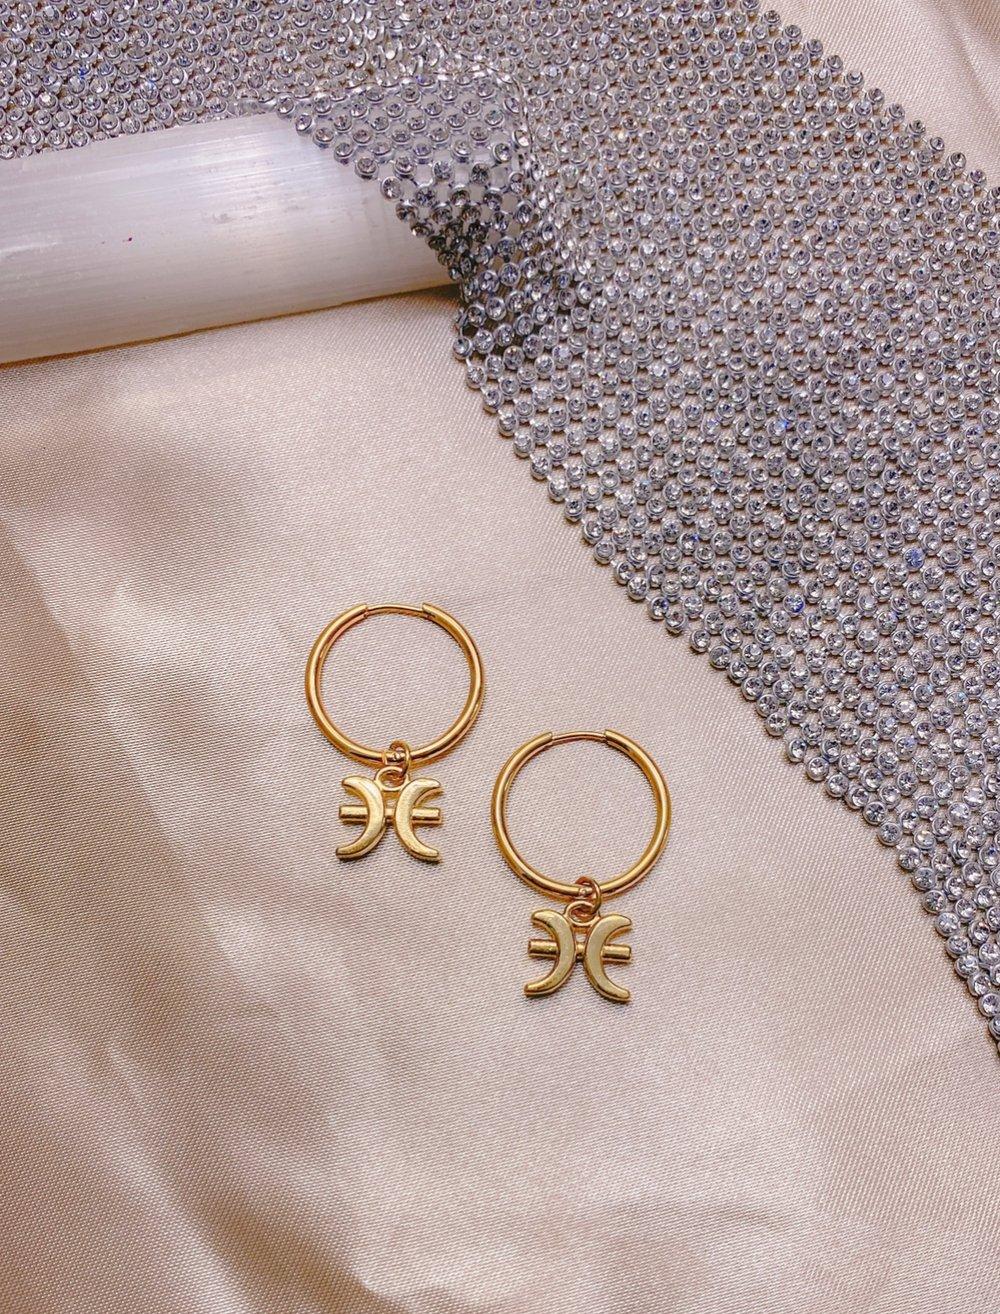 Image of The Zodiac Earrings